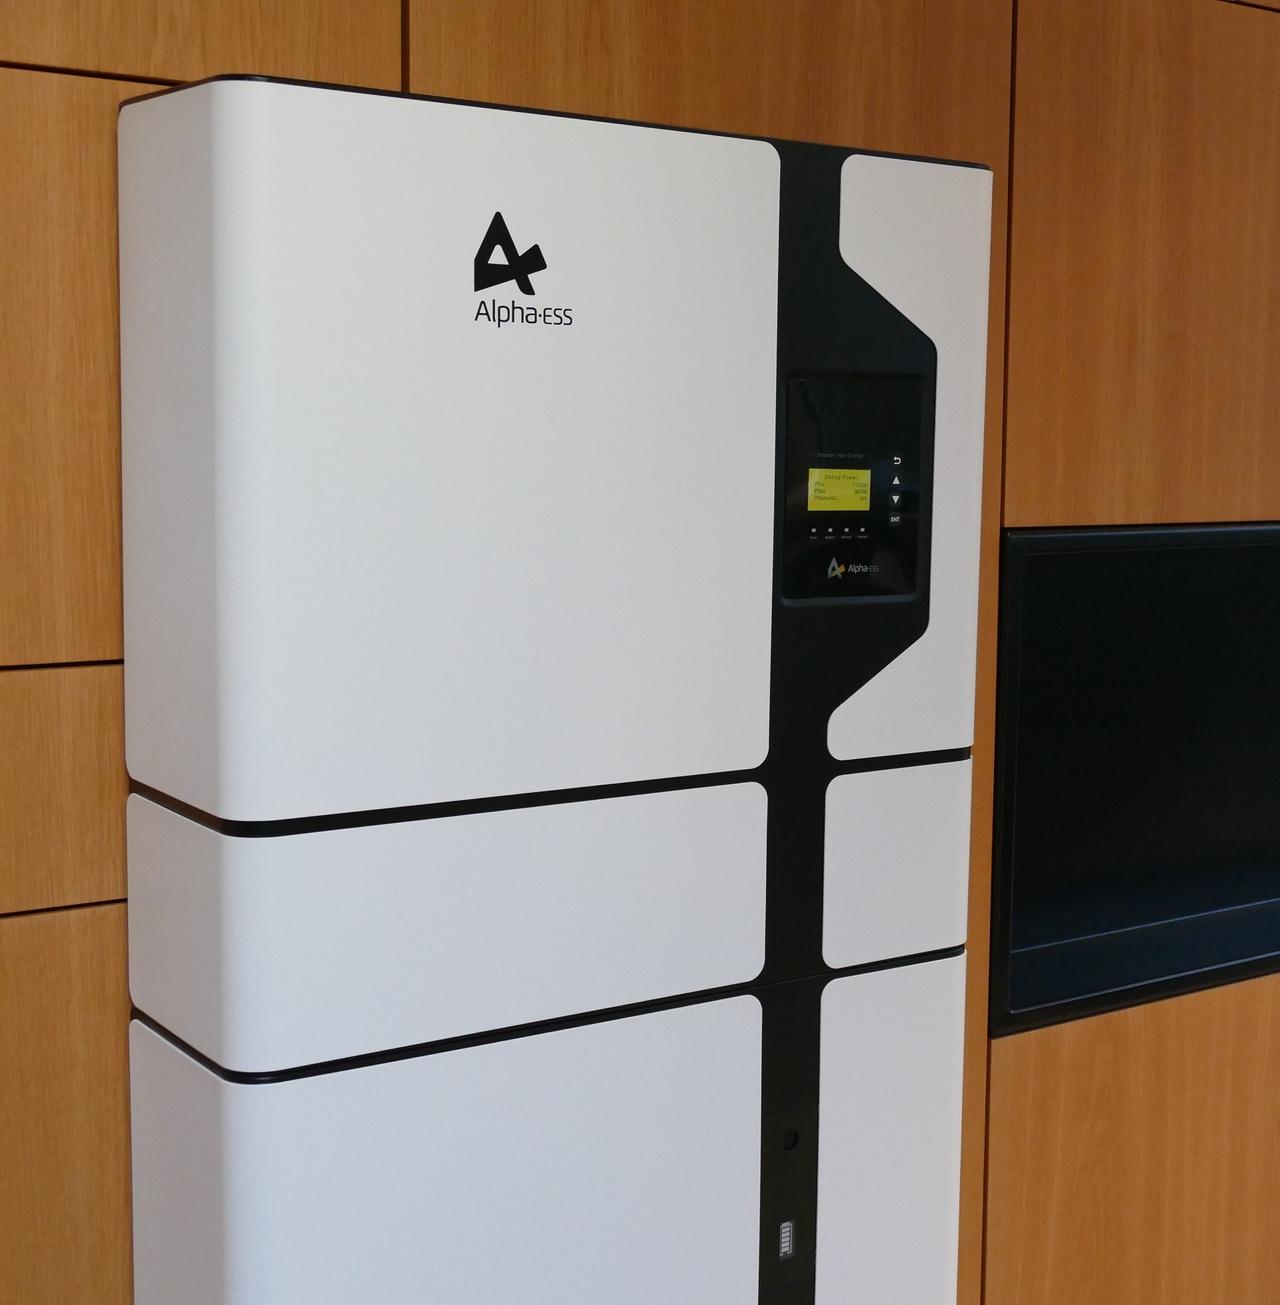 Smarter Homes and Eco-saving Appliances